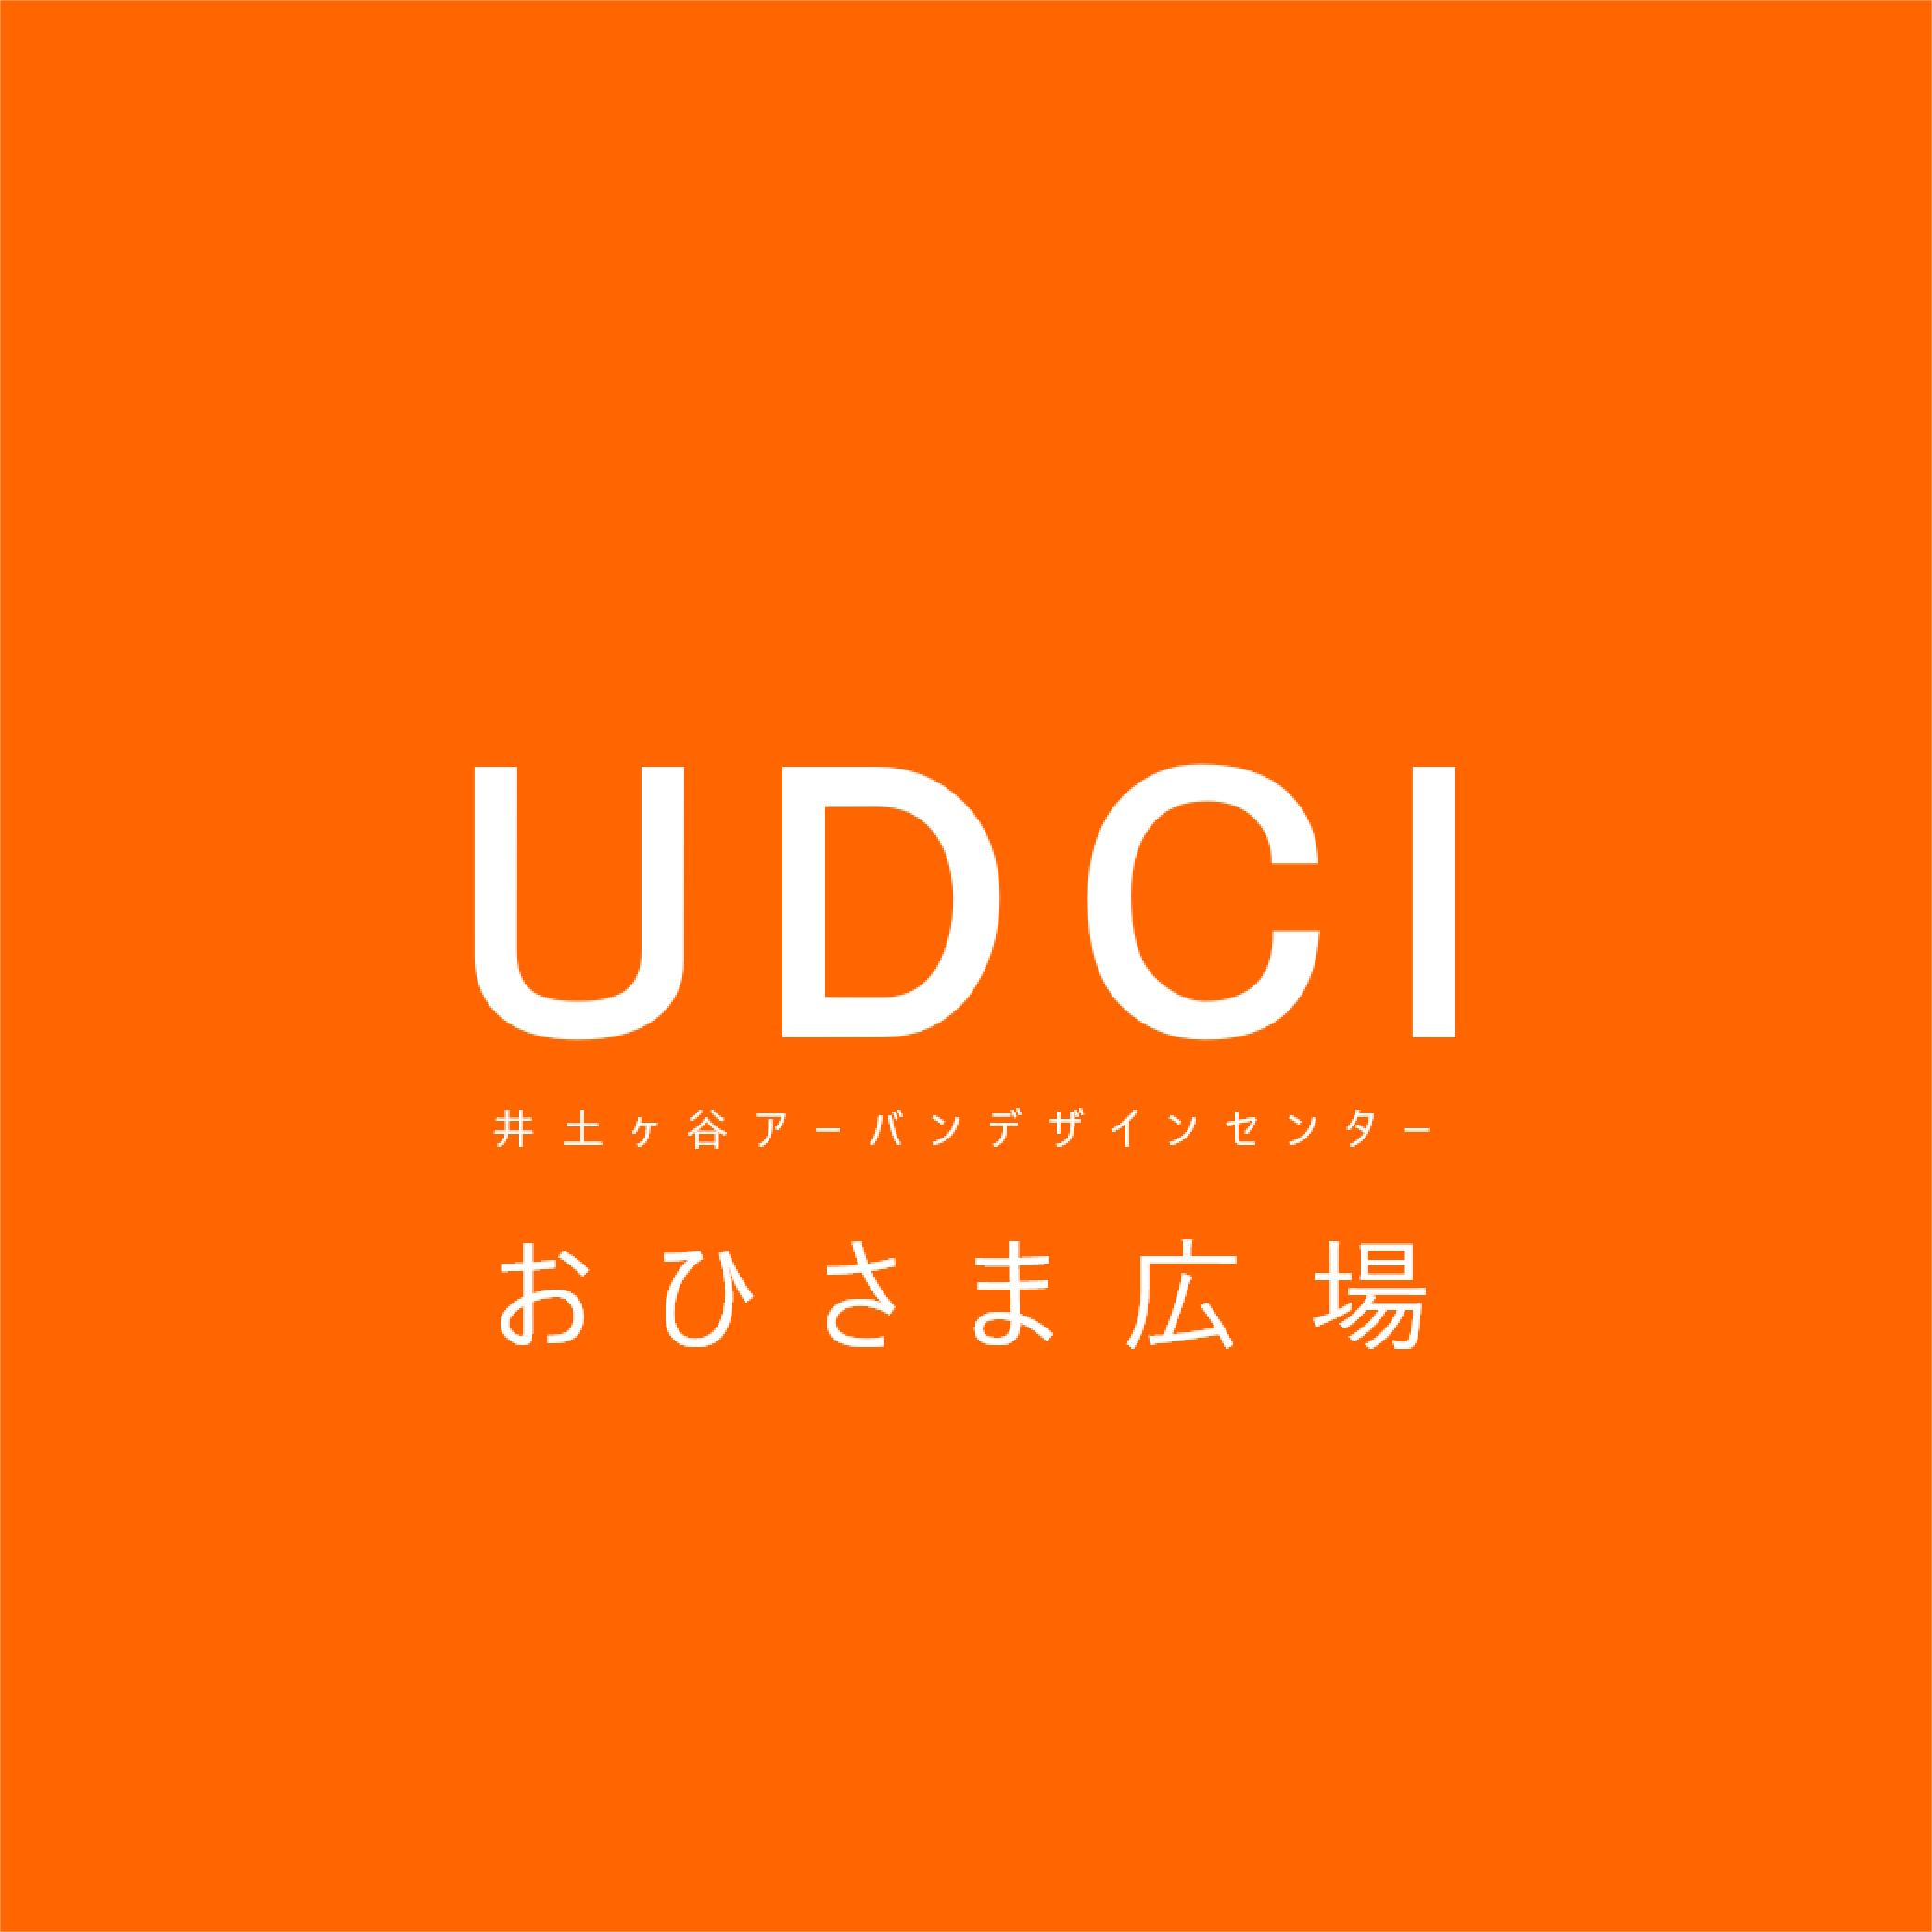 UDCID